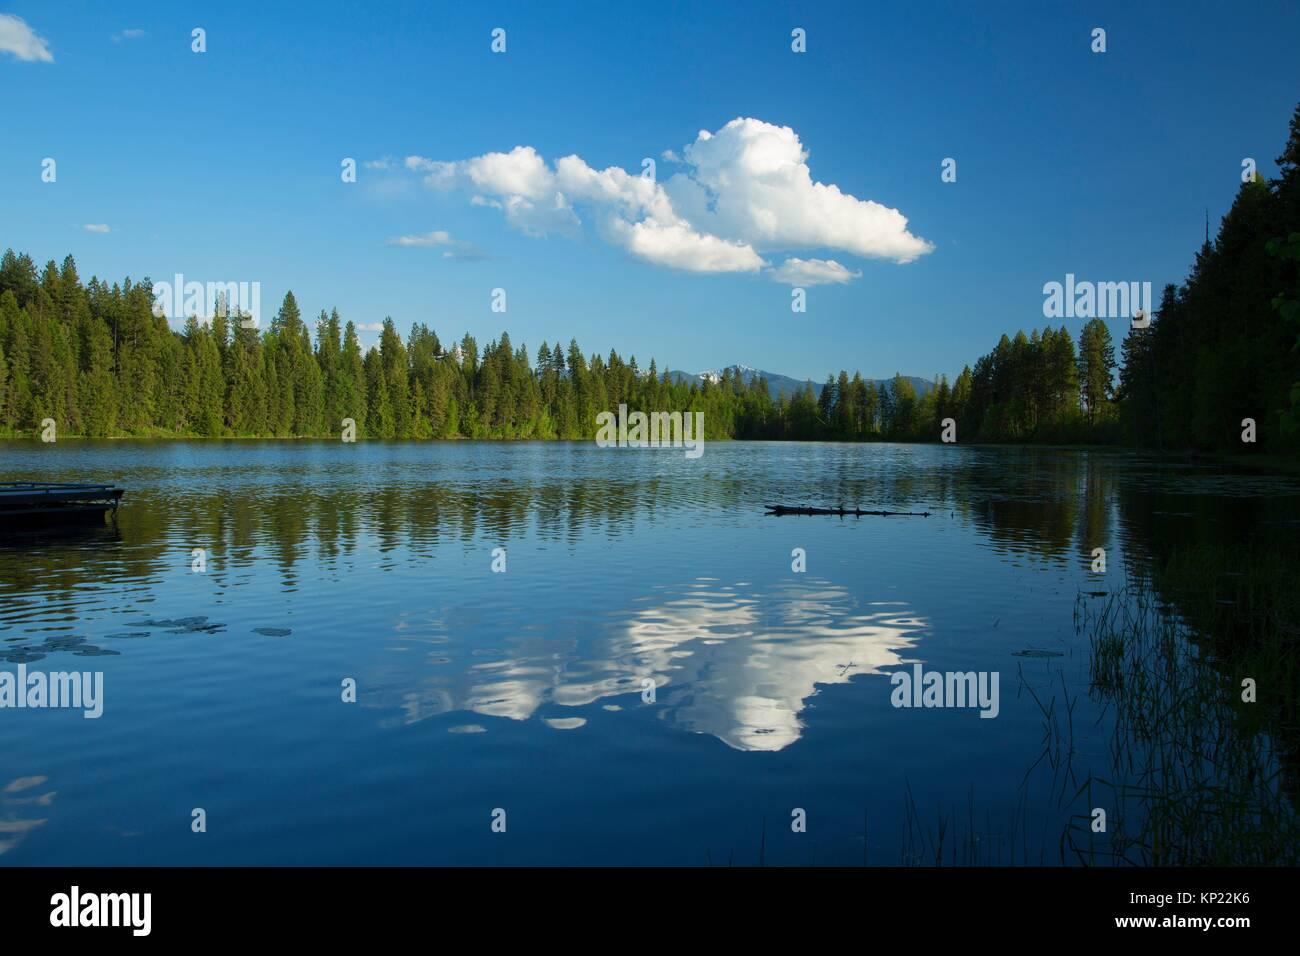 Smith Lake, Kaniksu National Forest, Idaho. - Stock Image